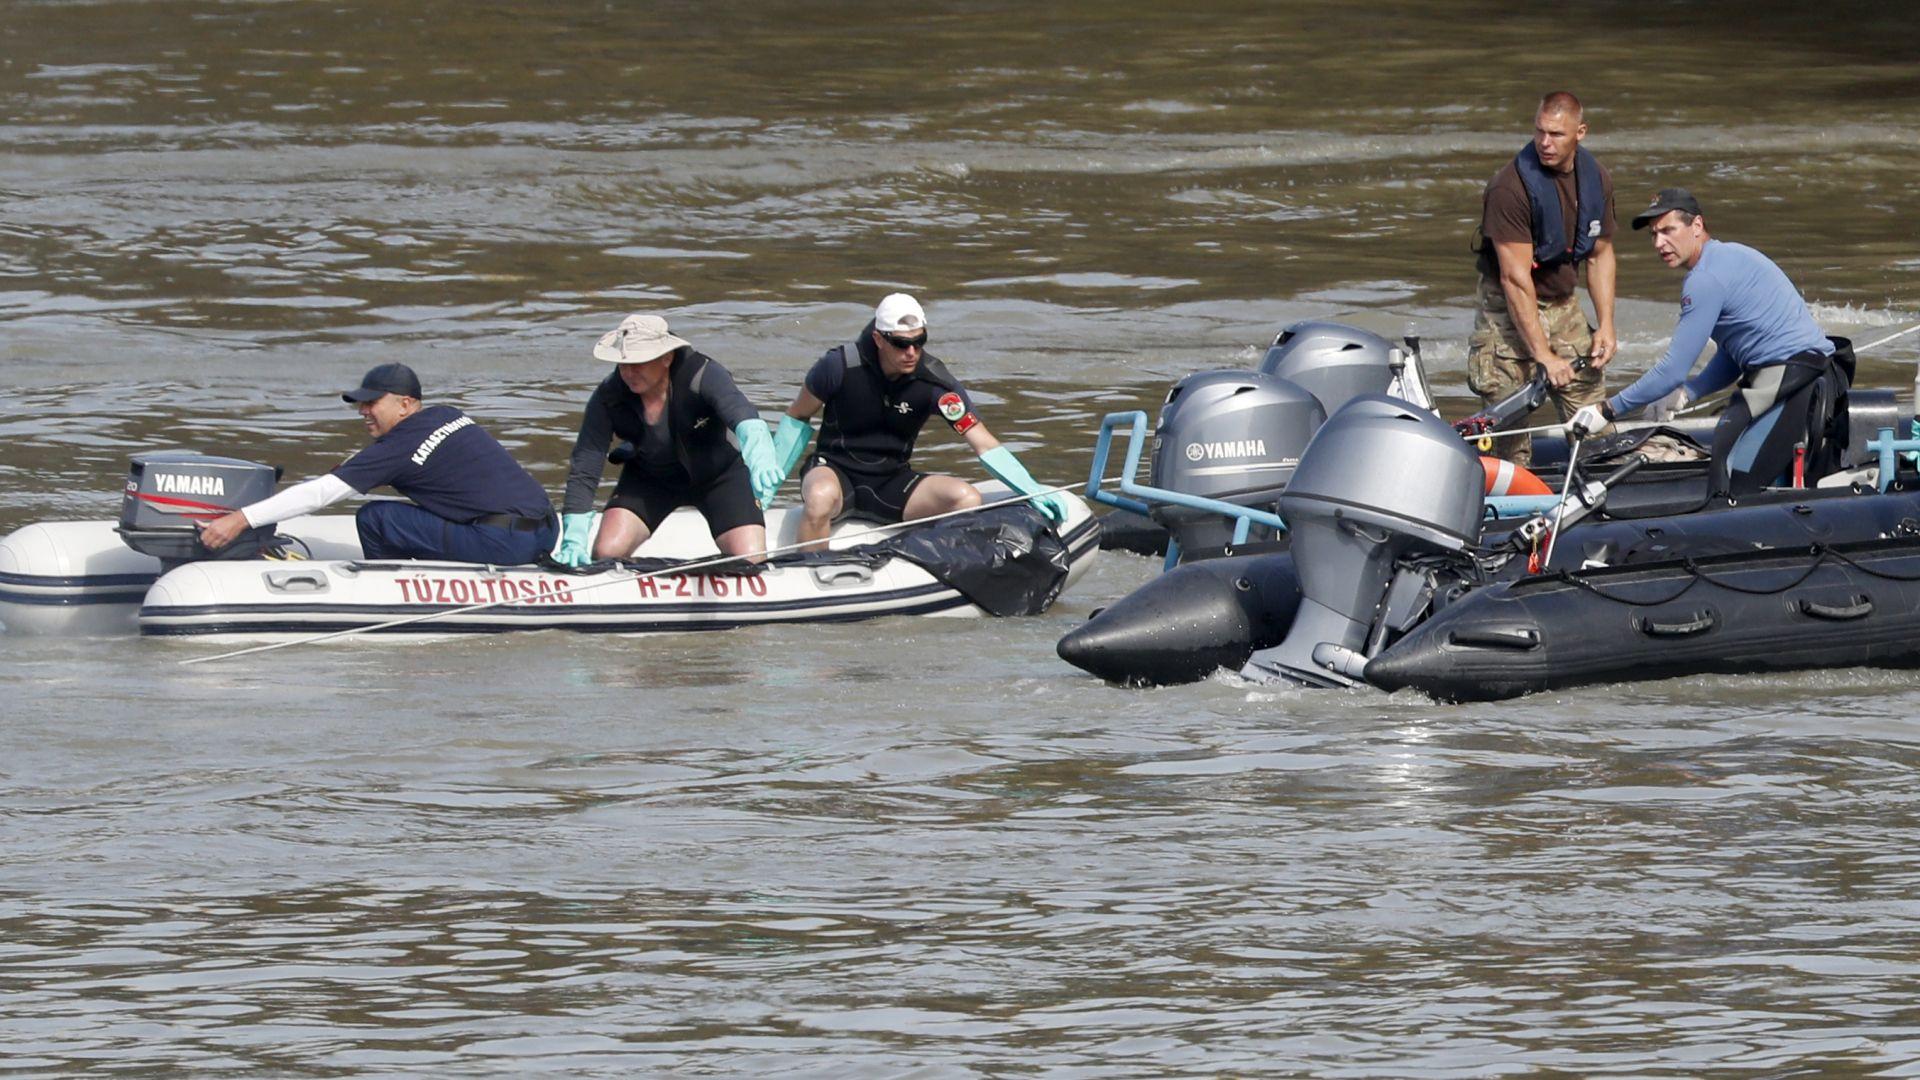 Откриха тялото на 13-а жертва на потъналото корабче в Будапеща (снимки)